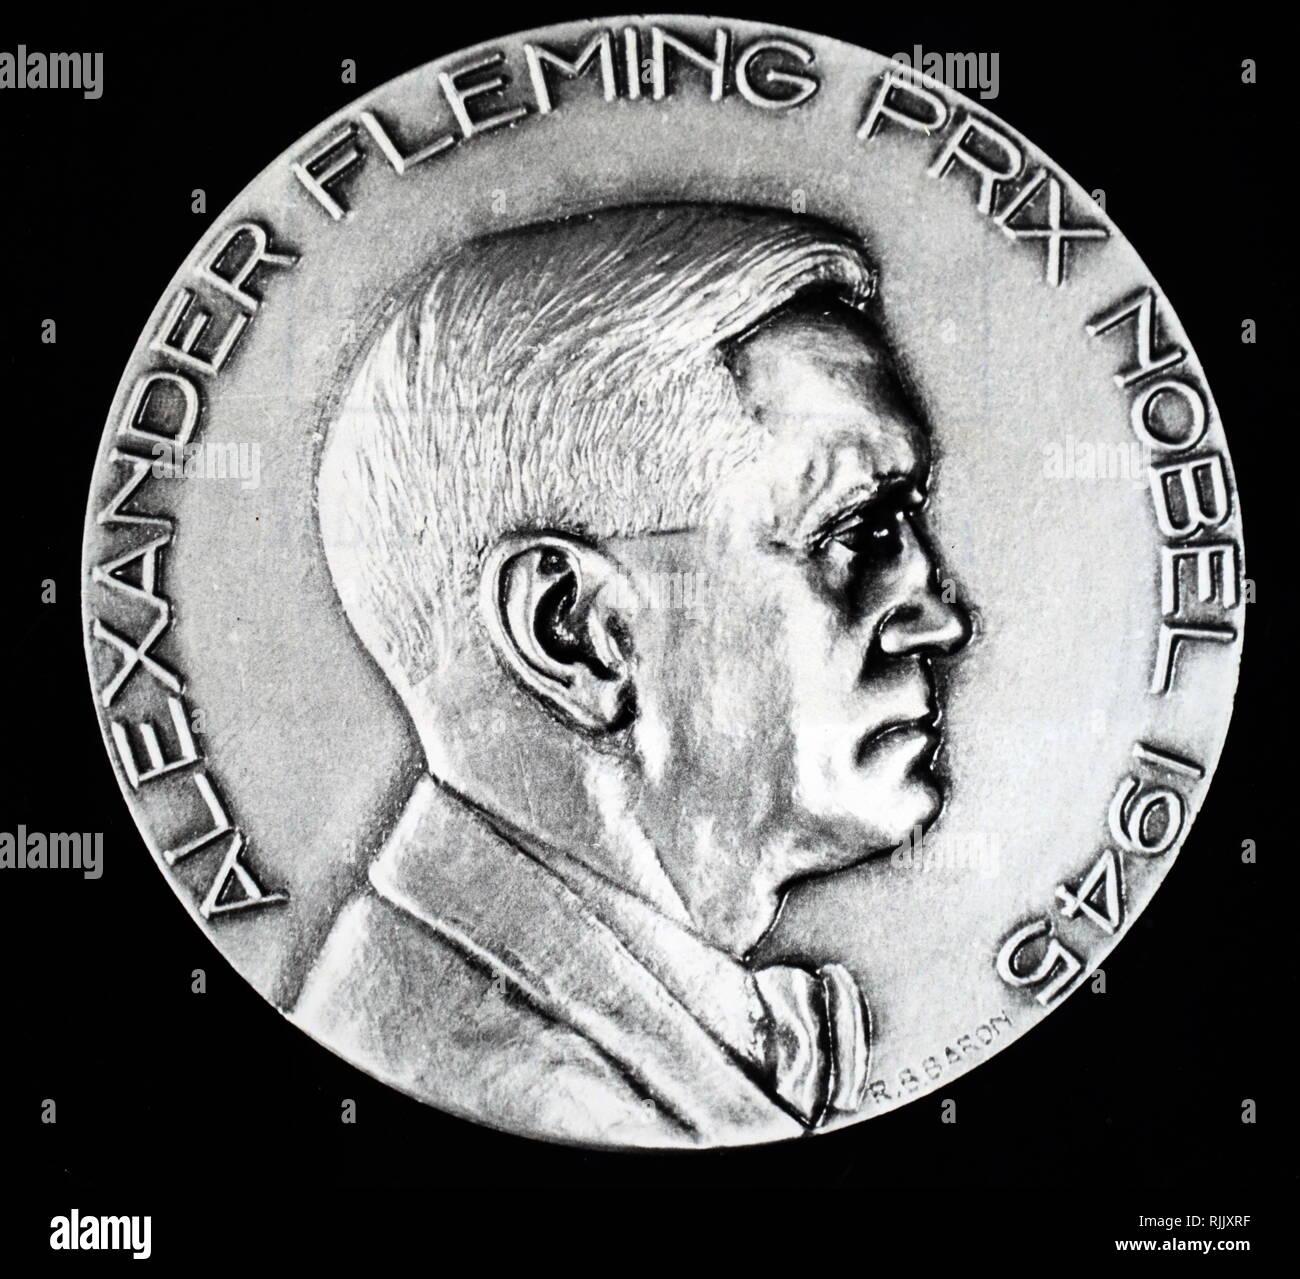 Eine Medaille zum Gedenken an Alexander Fleming's Nobelpreis gewinnen in 1945. Alexander Fleming (1881-1955), ein schottischer Arzt, Biologe und Pharmakologe. Vom 20. Jahrhundert Stockbild